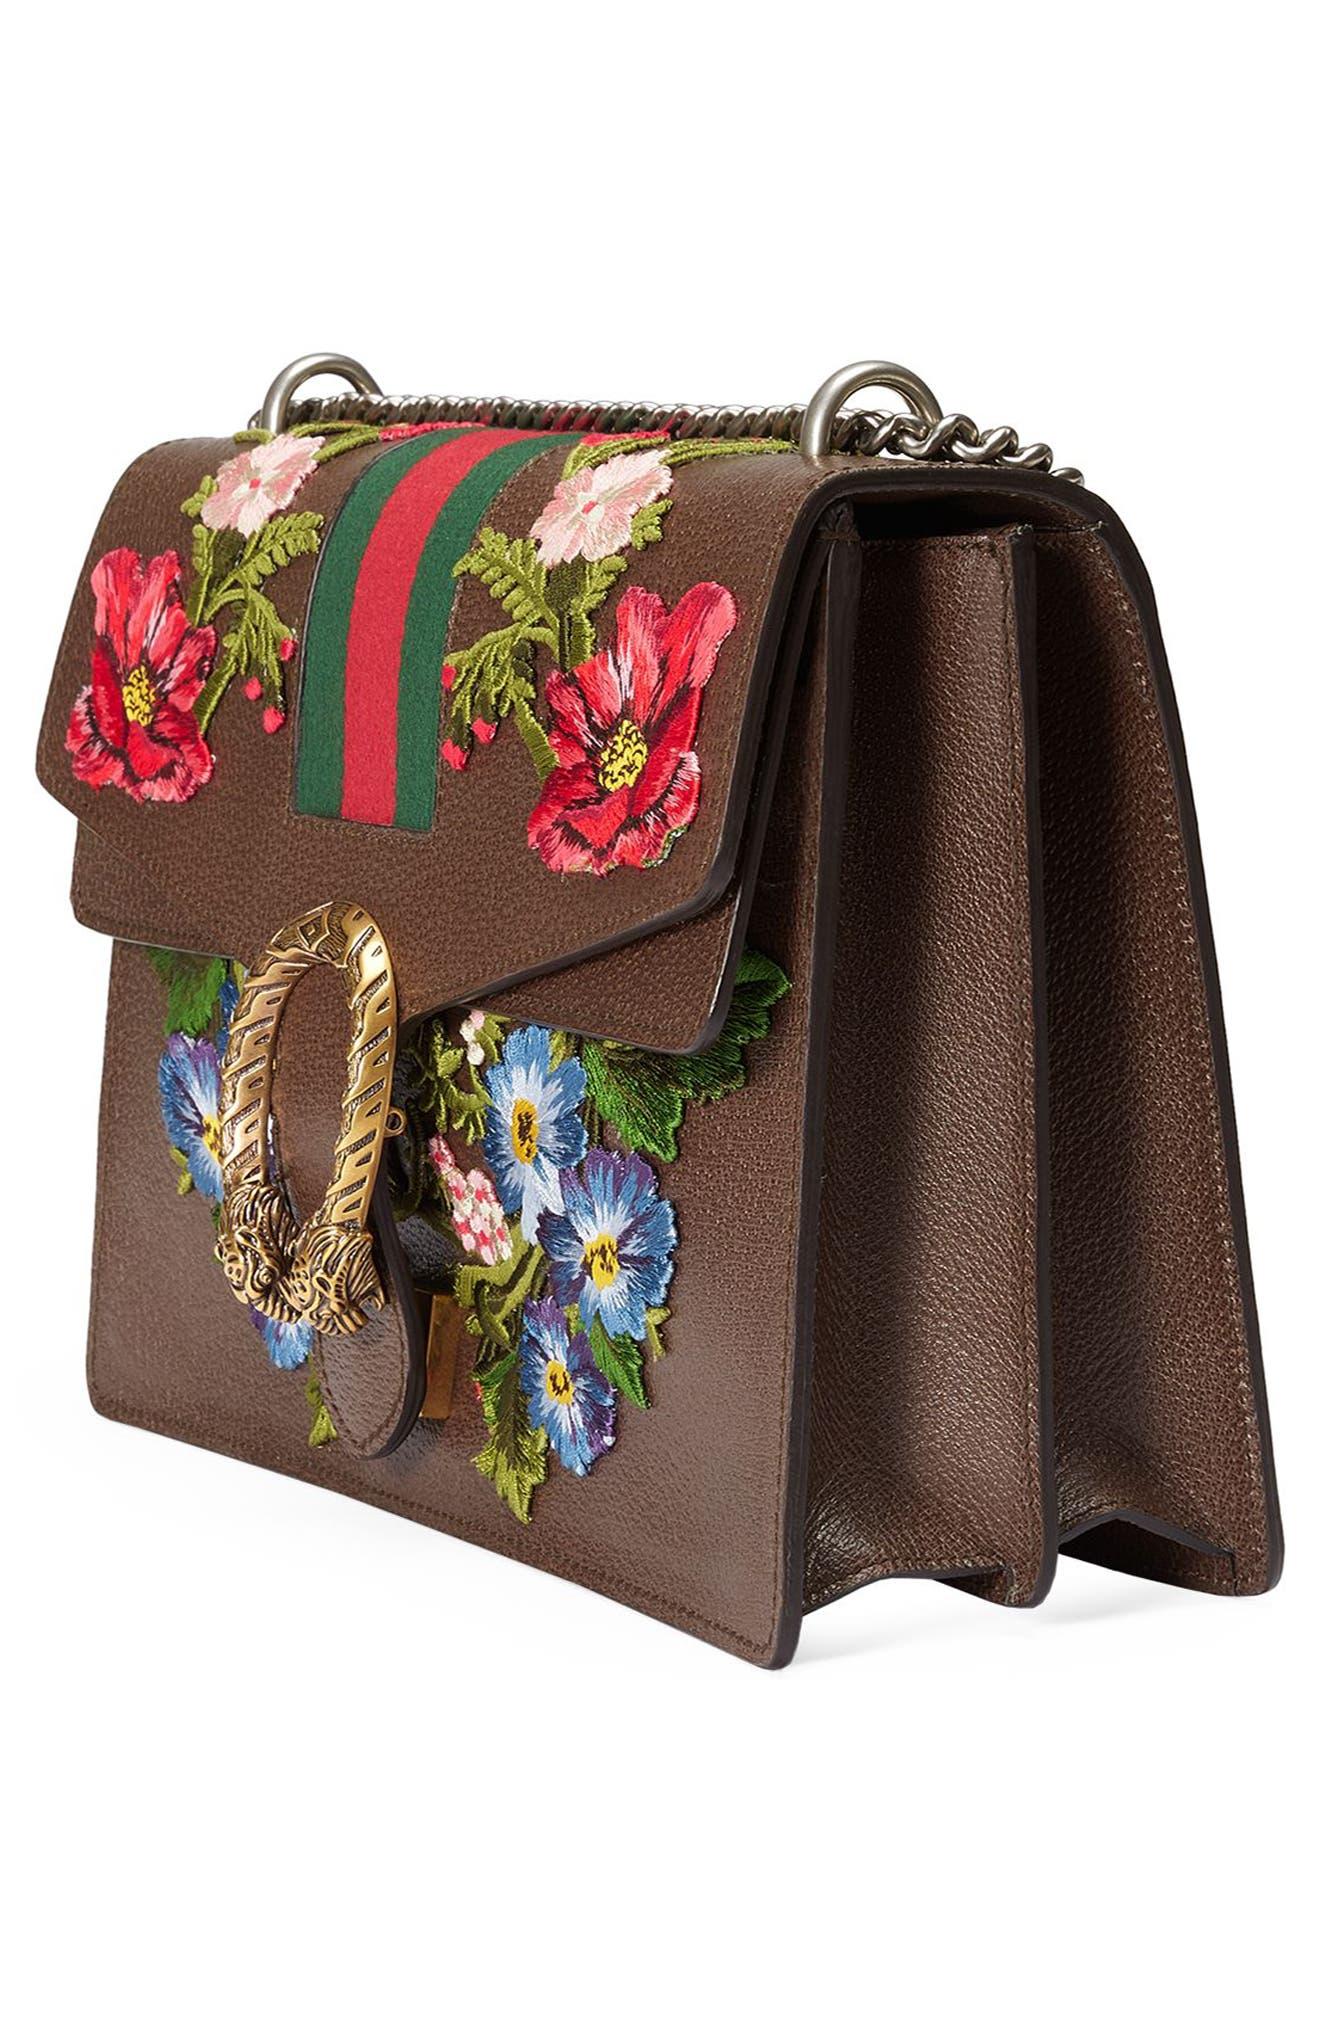 Medium Dionysus Embroidered Leather Shoulder Bag,                             Alternate thumbnail 4, color,                             031